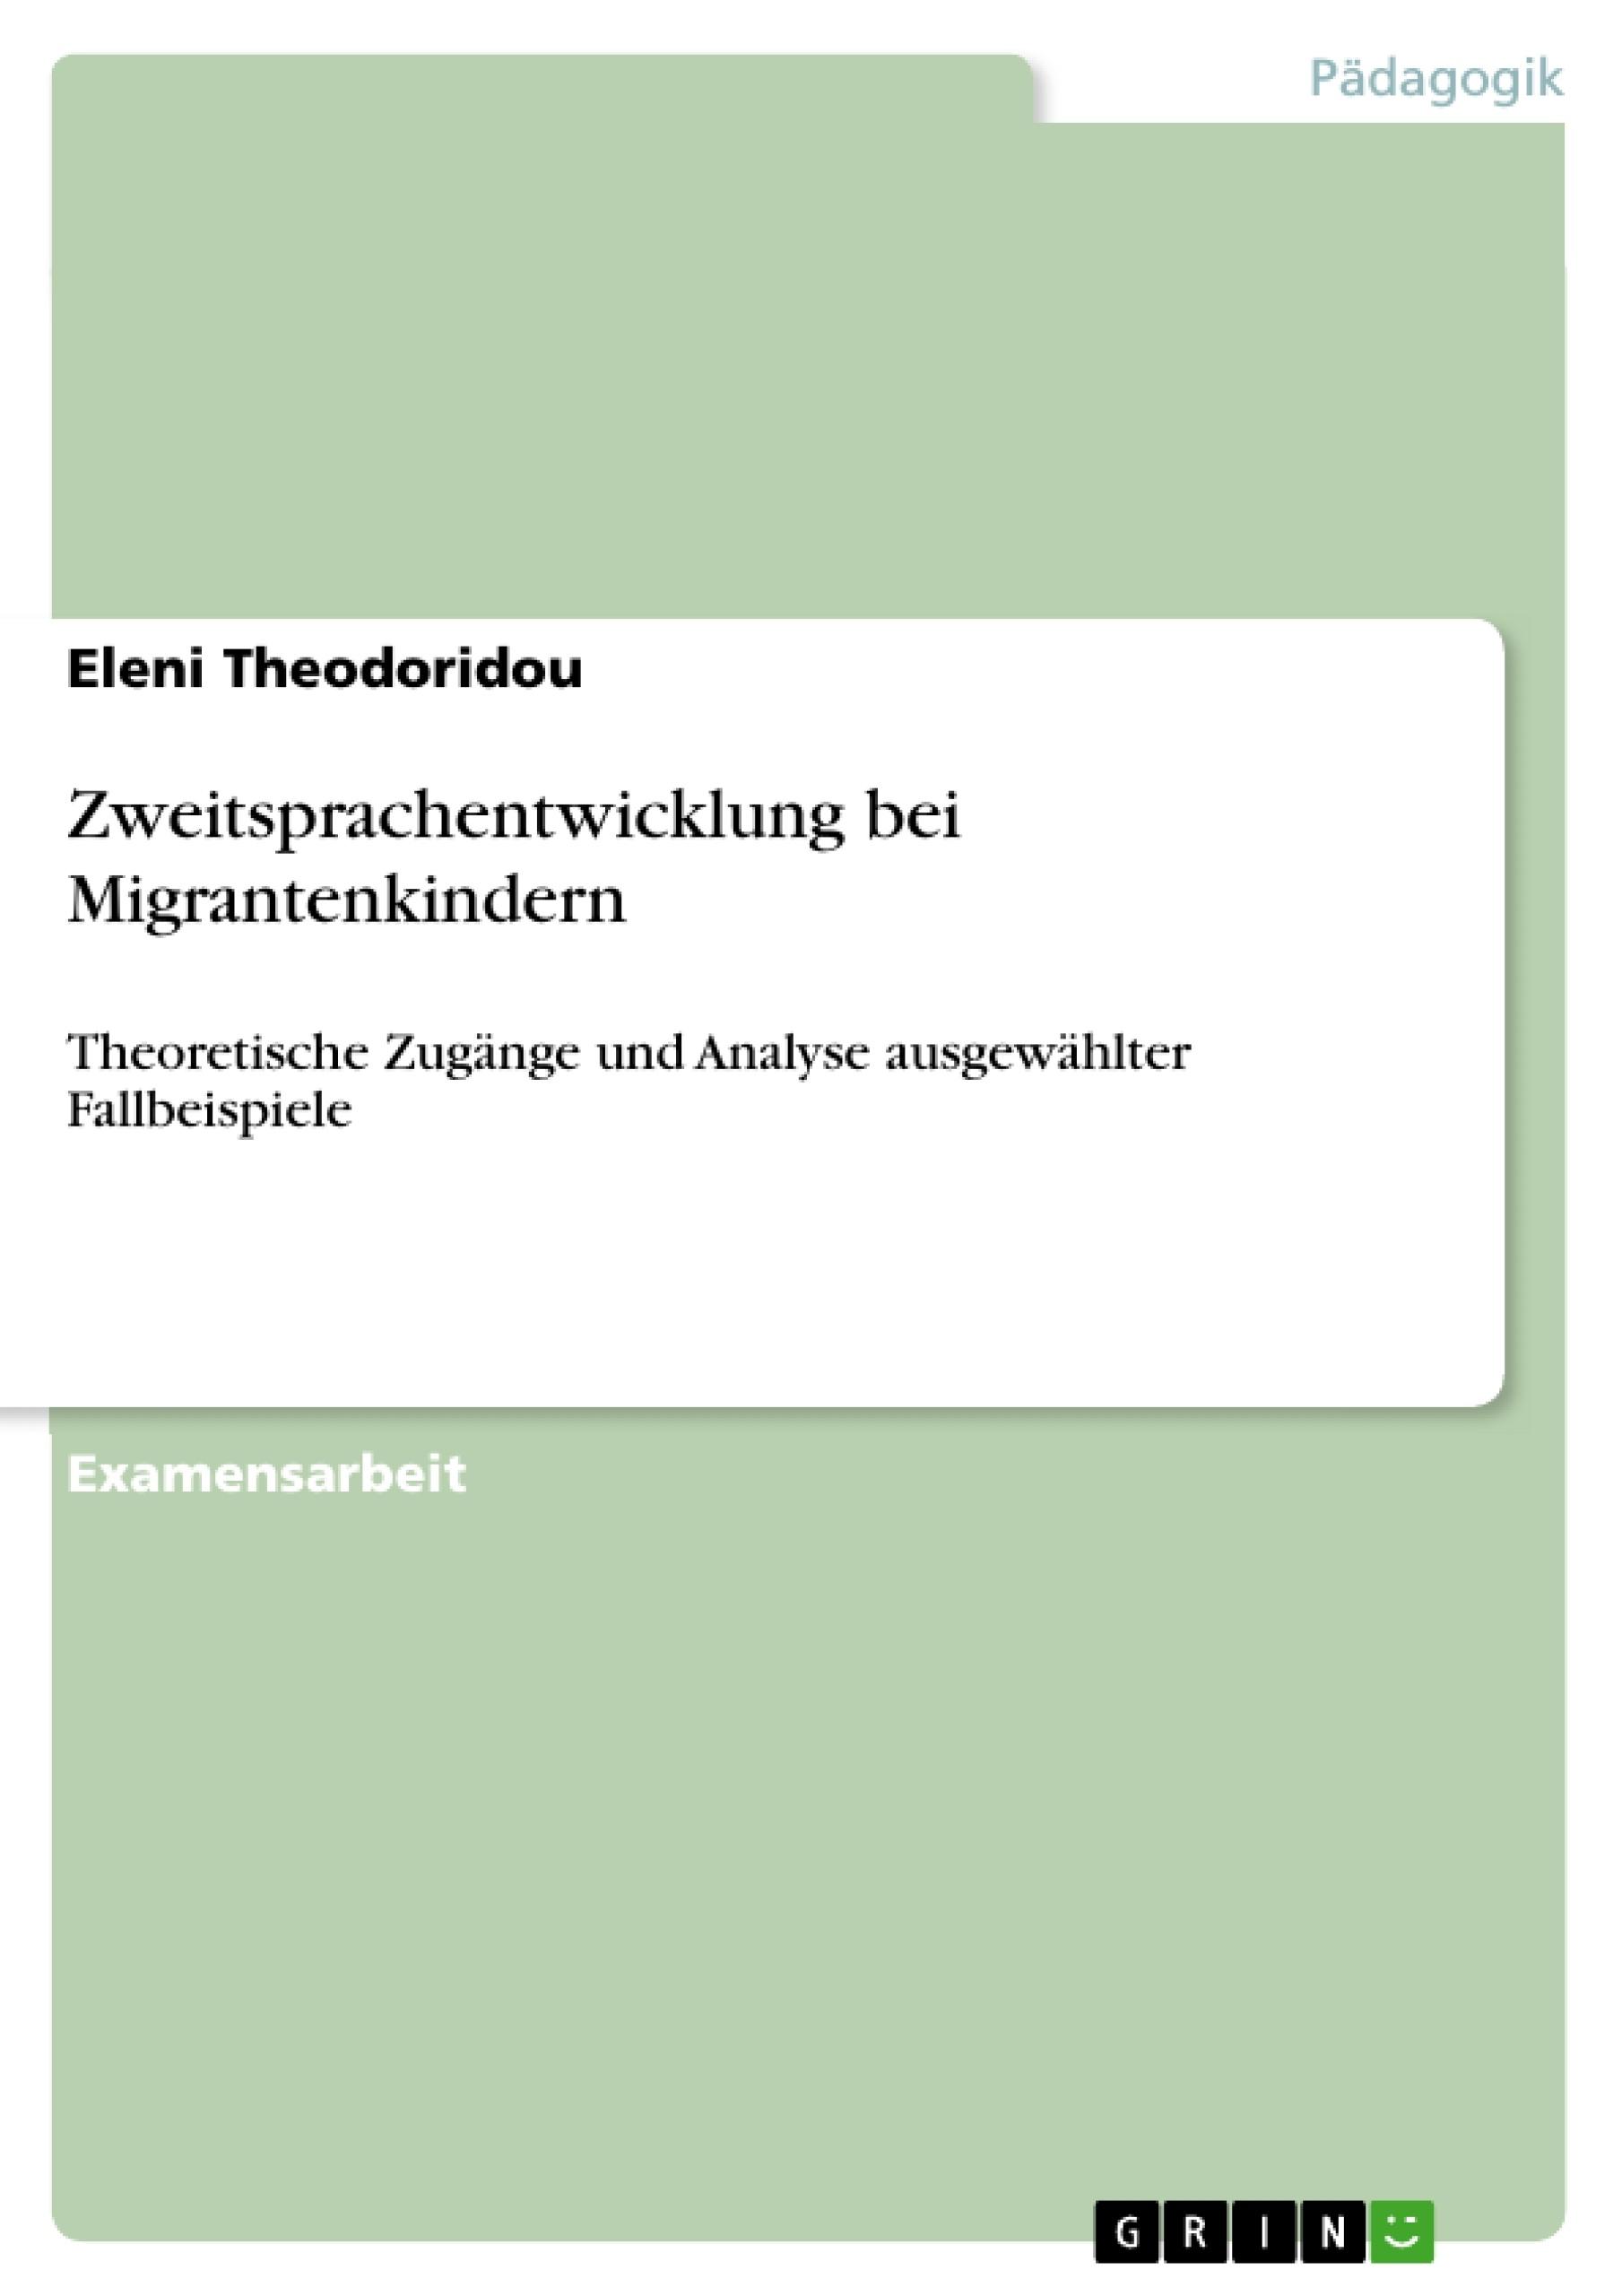 Titel: Zweitsprachentwicklung bei Migrantenkindern